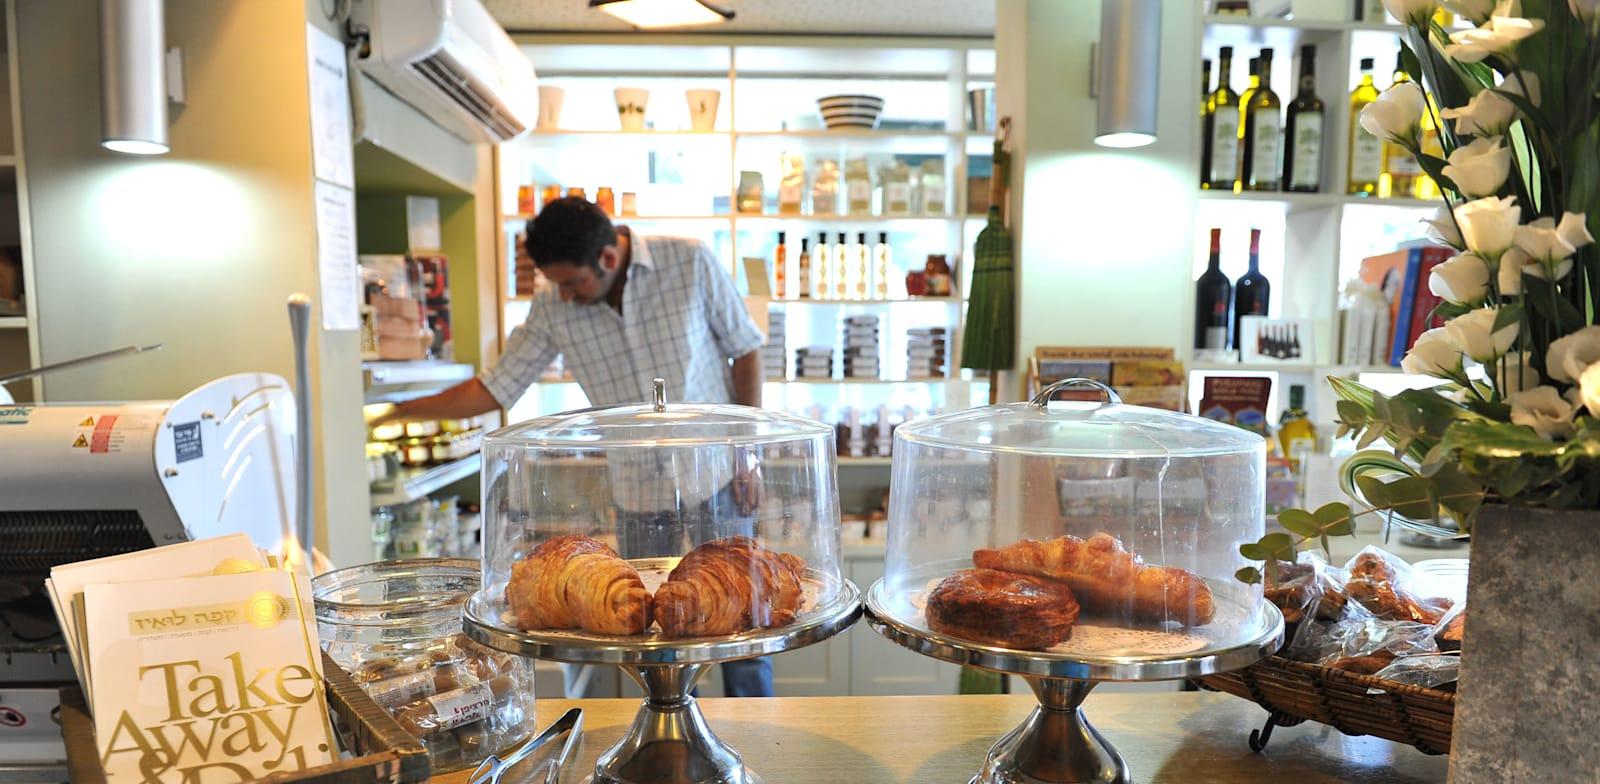 קפה לואיז בחיפה / צילום: תמר מצפי